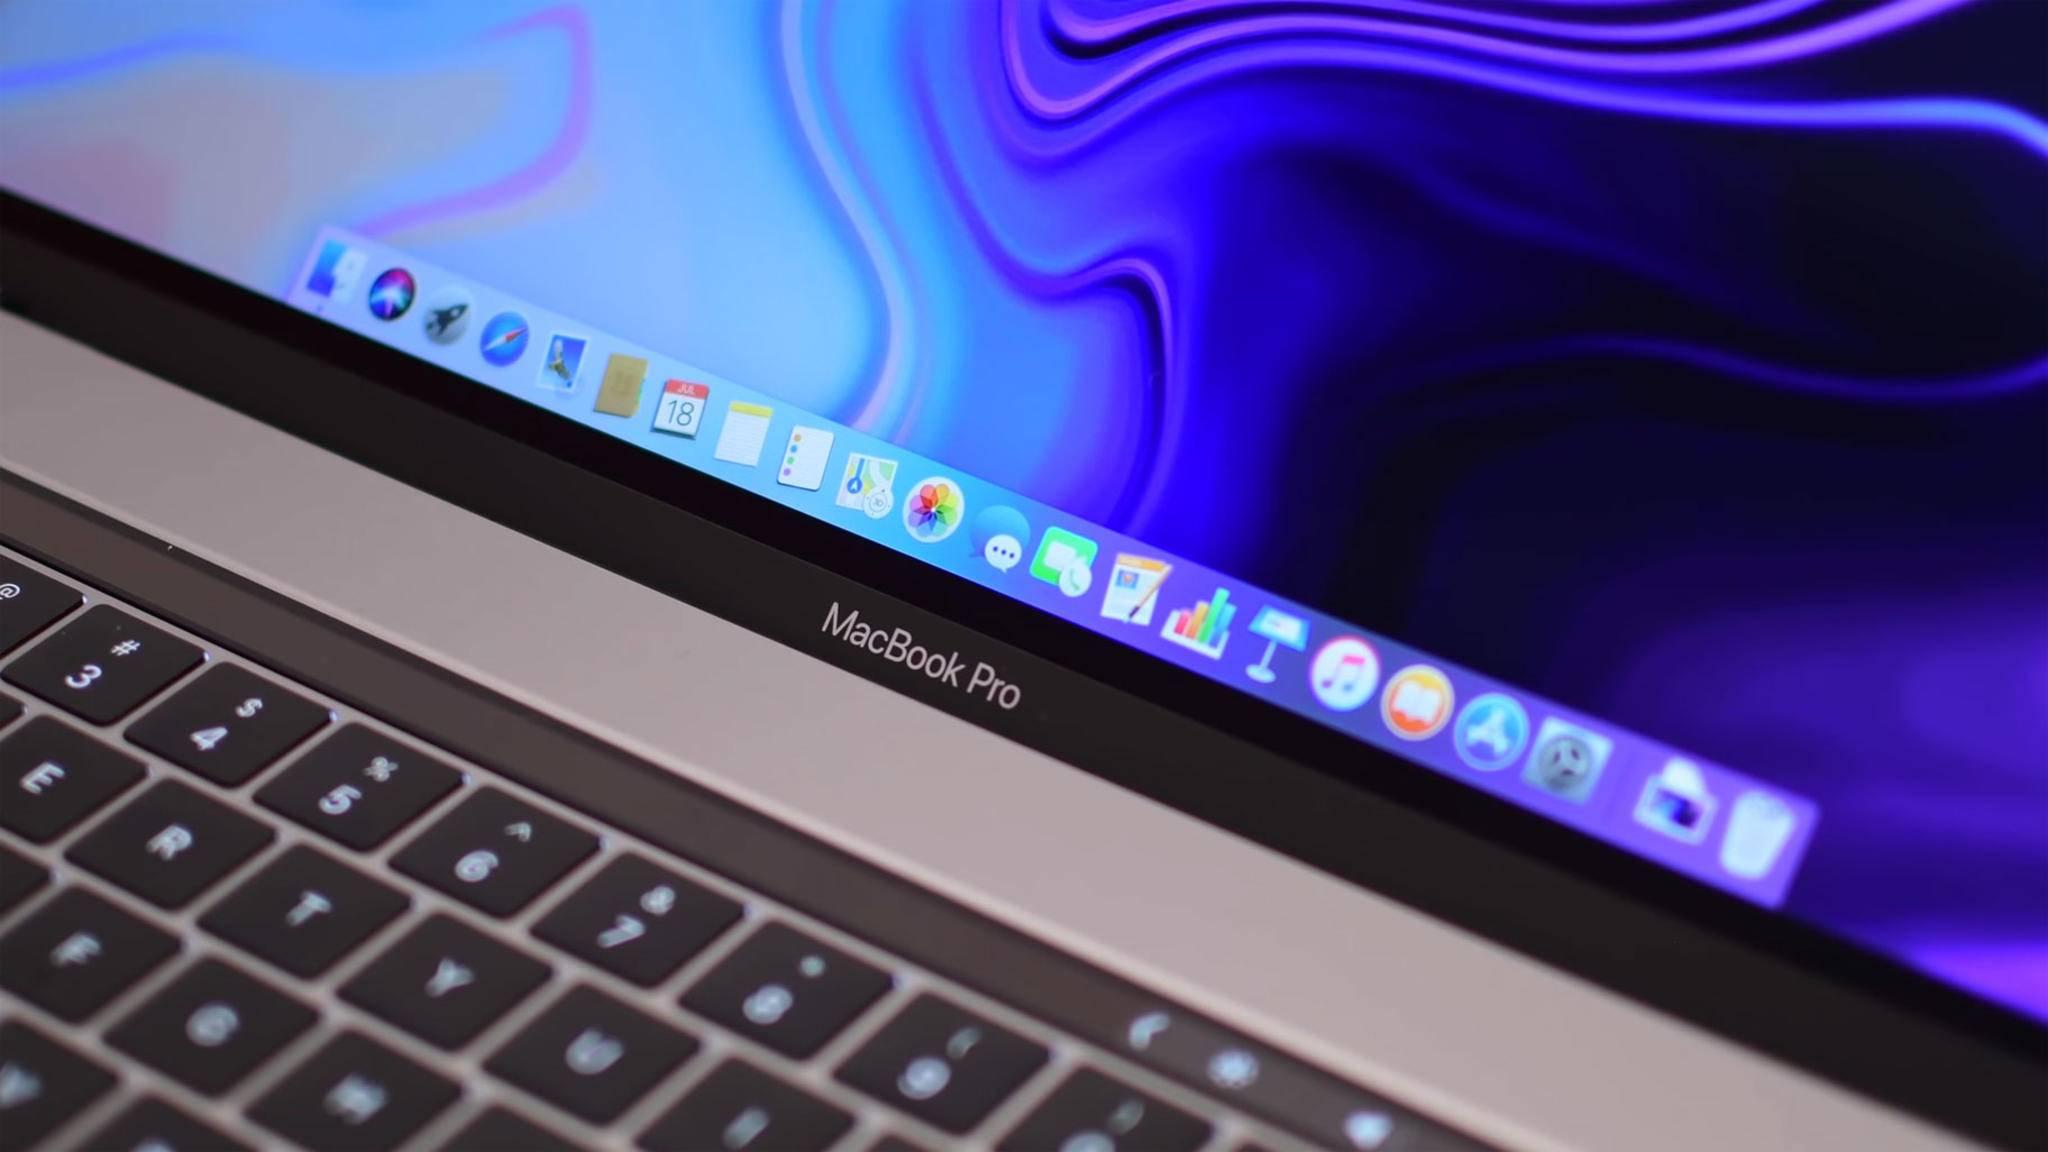 Das MacBook Pro sollte nach einem Software-Update wieder besser laufen.